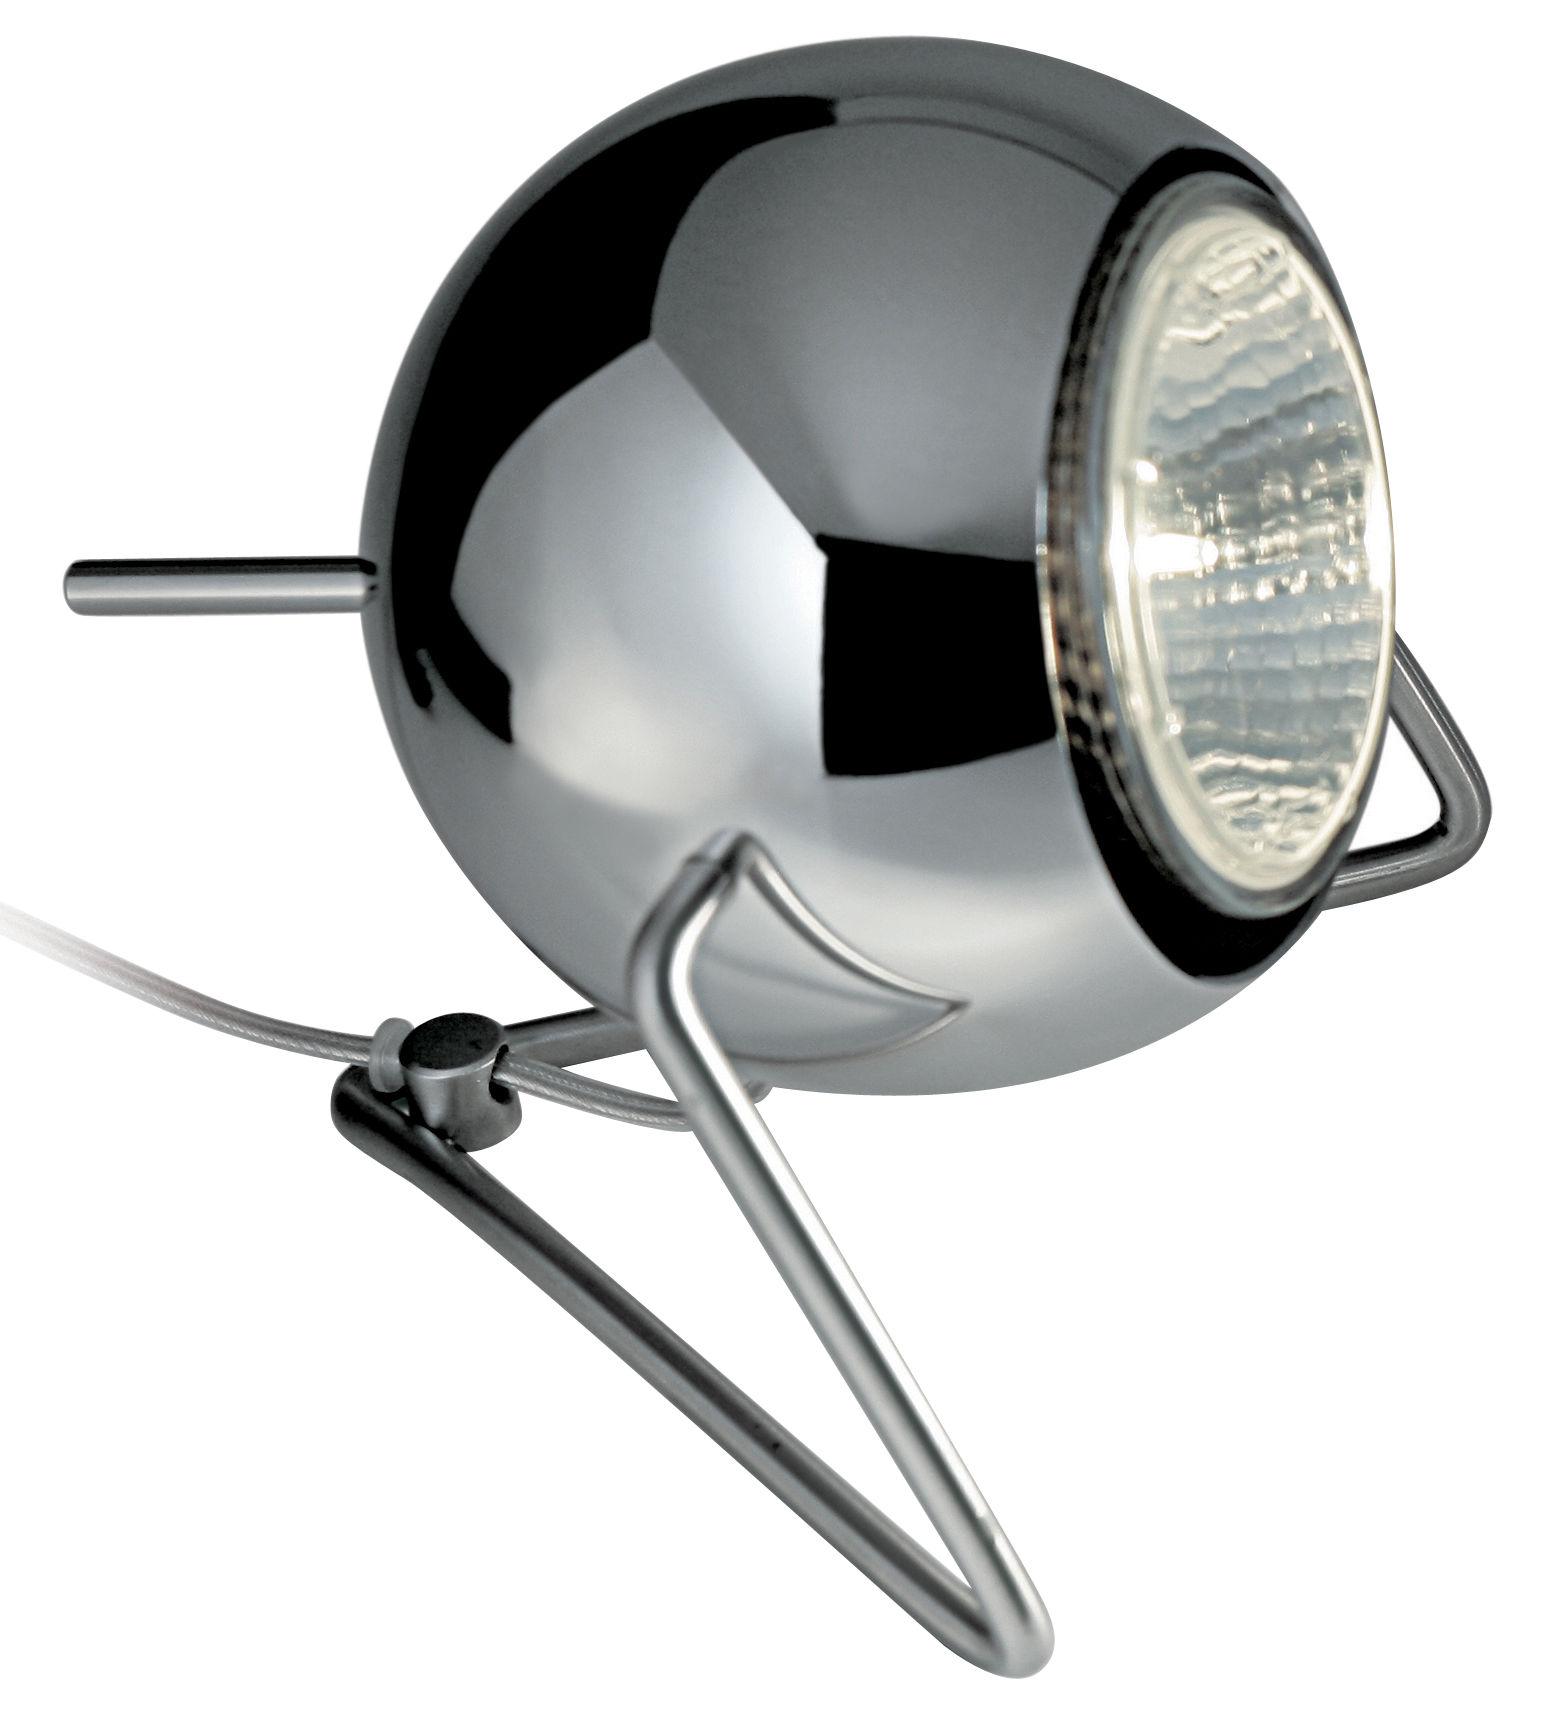 Leuchten - Tischleuchten - Beluga Tischleuchte Metall-Ausführung - Fabbian - Verchromt - verchromtes Metall